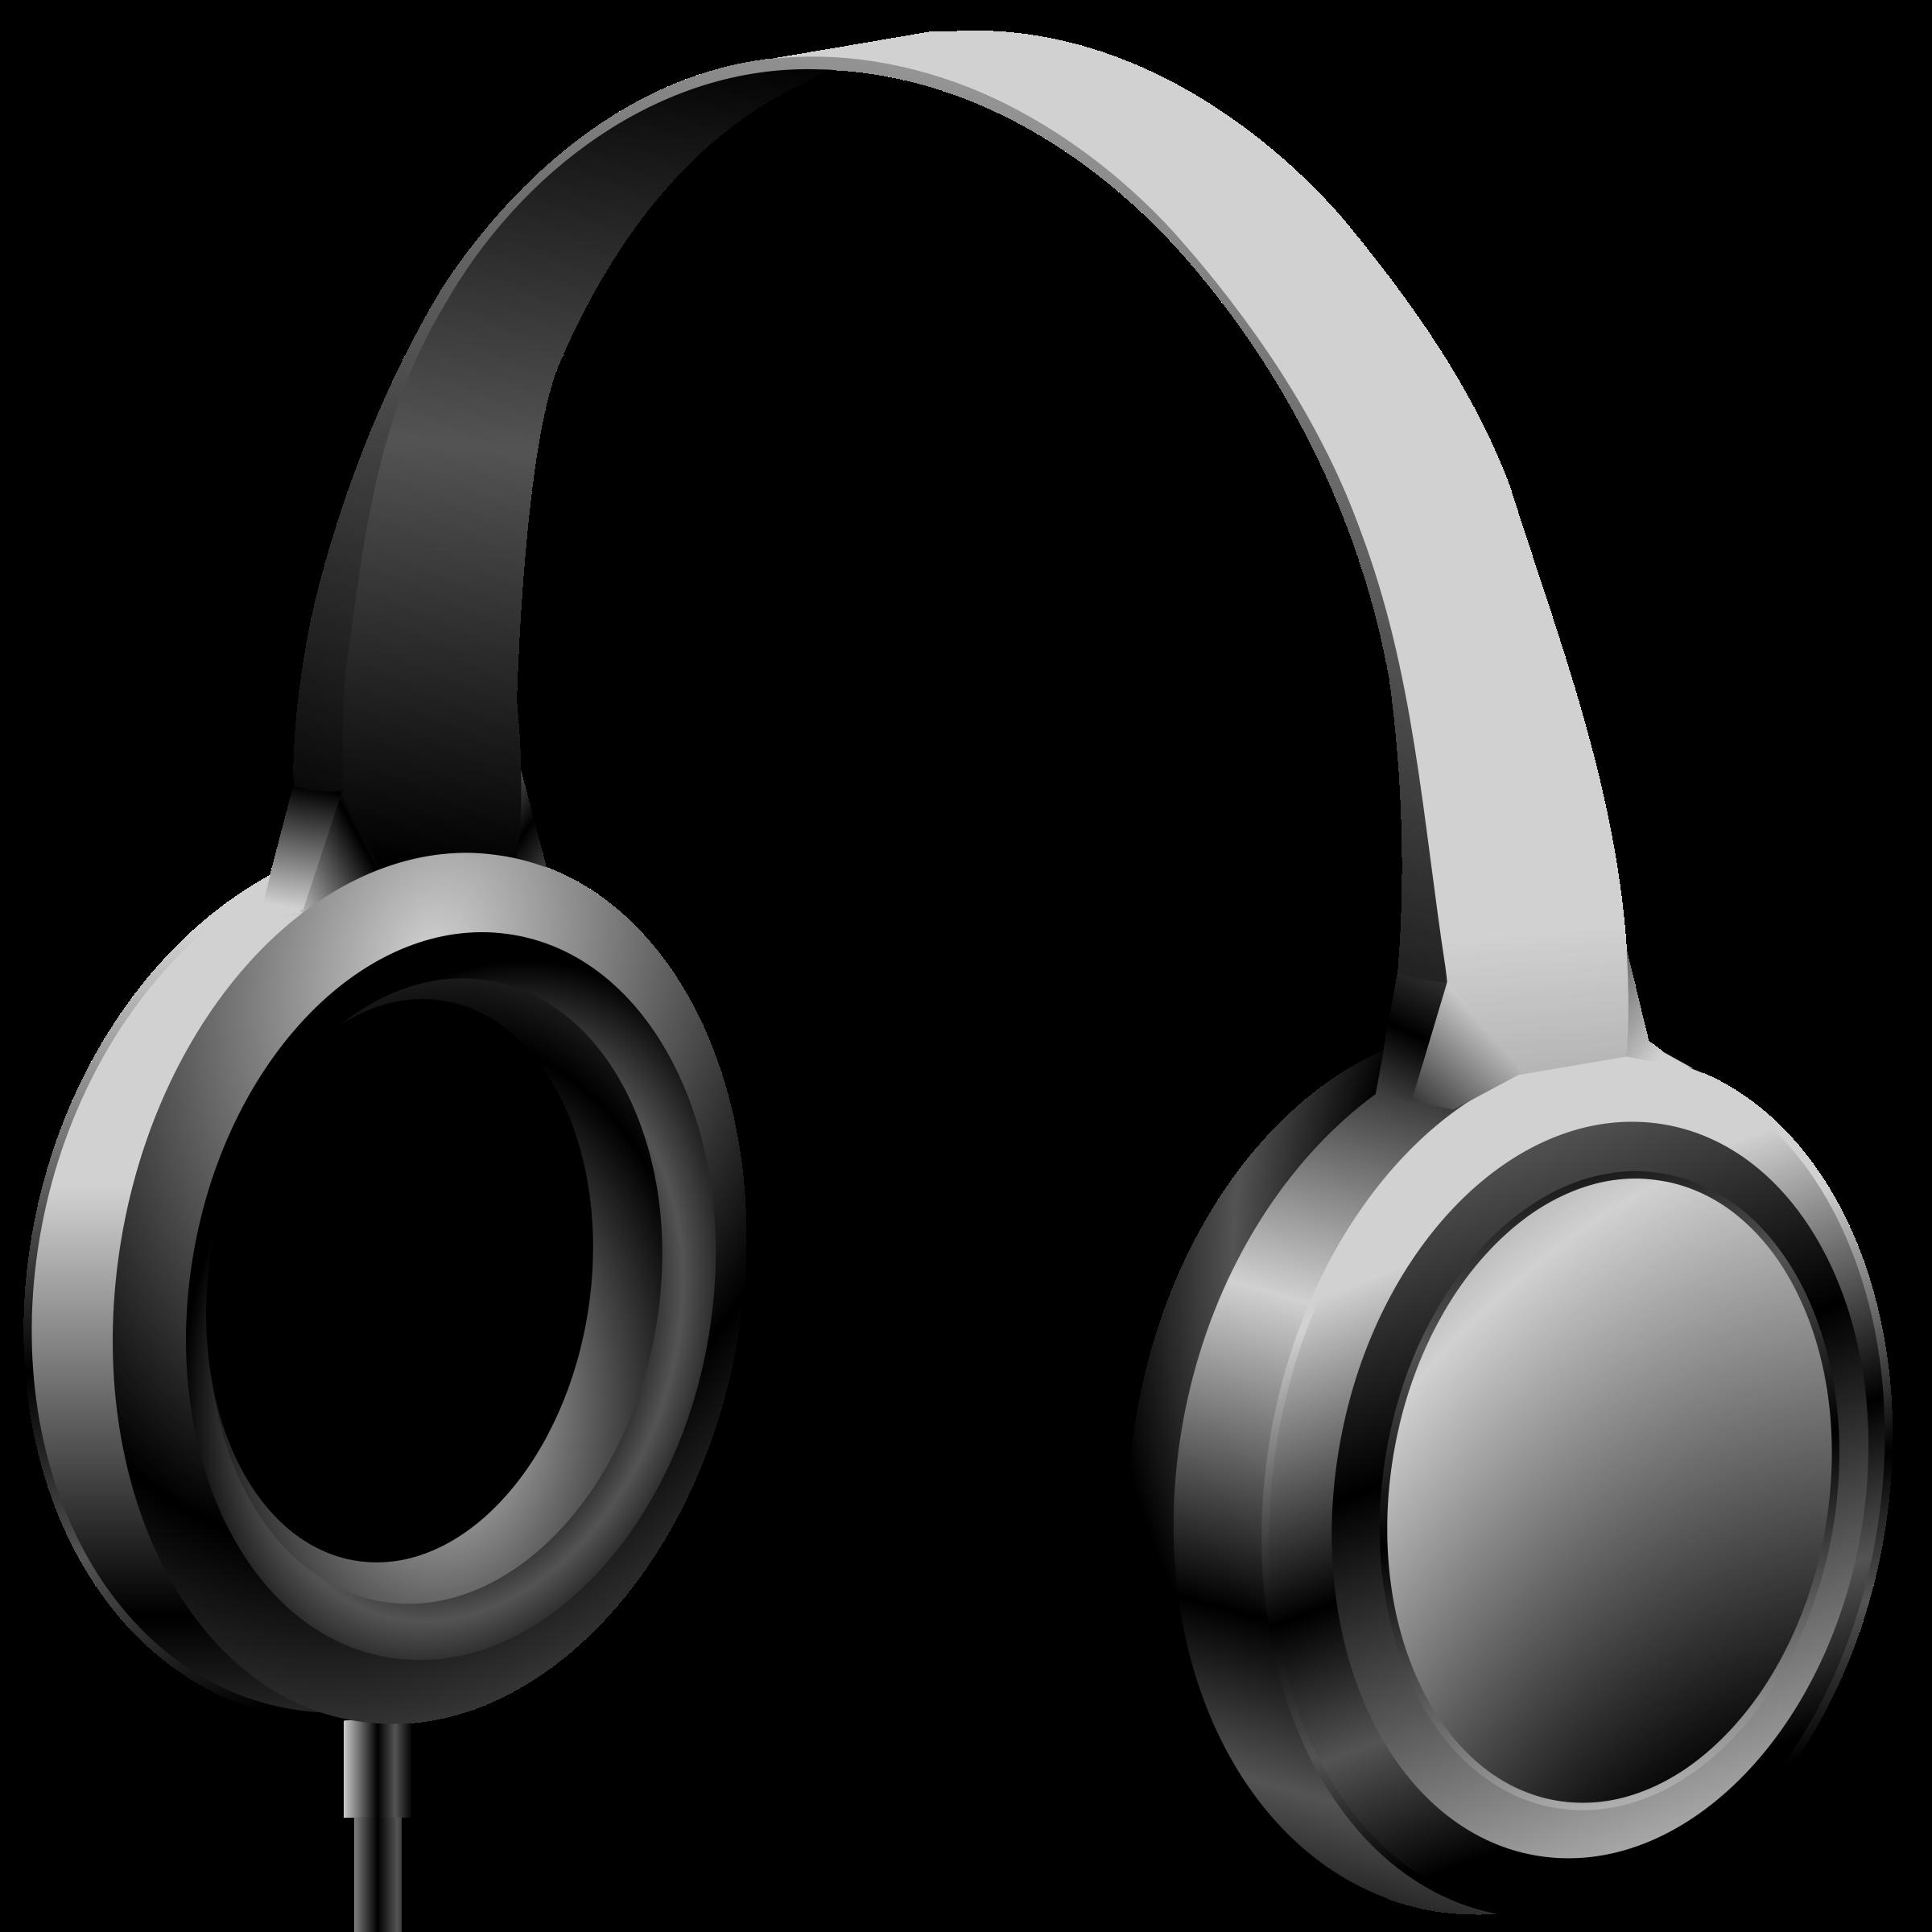 Headphones PNG - 904